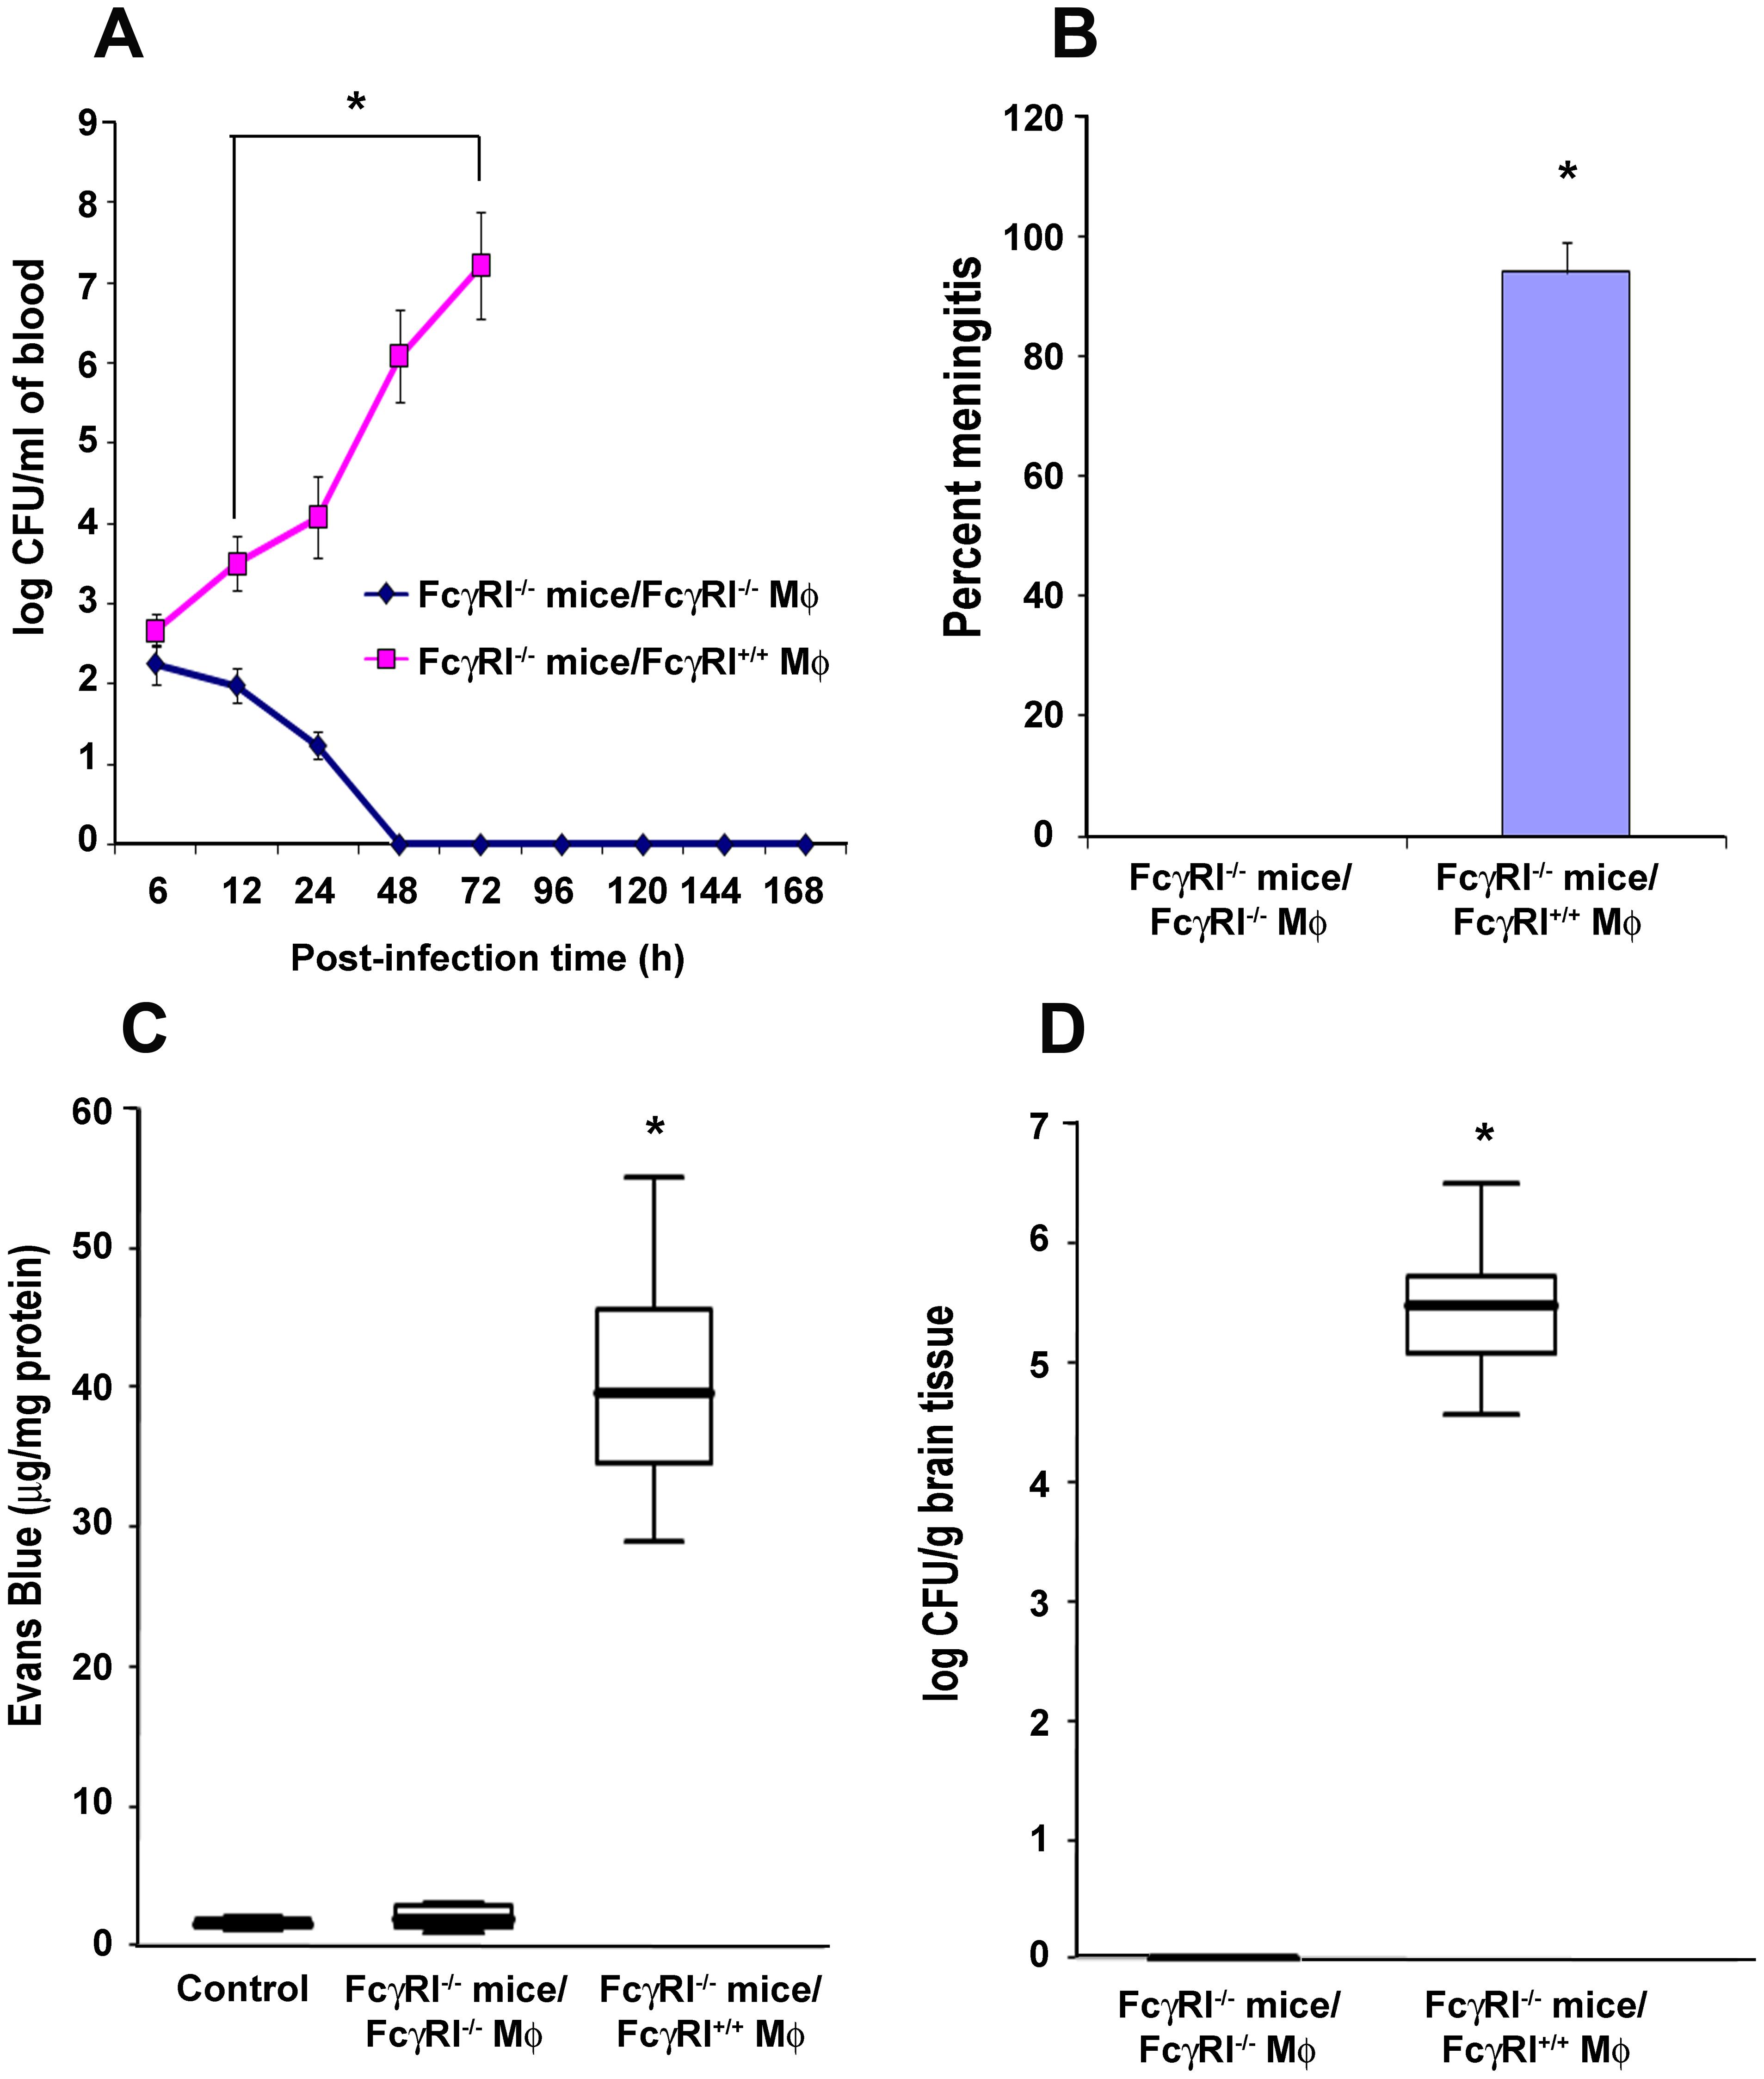 Adoptive transfer of FcγRIa<sup>+/+</sup> MØ into FcγRIa<sup>−/−</sup> mice restored the susceptibility to <i>E. coli</i> K1 meningitis.